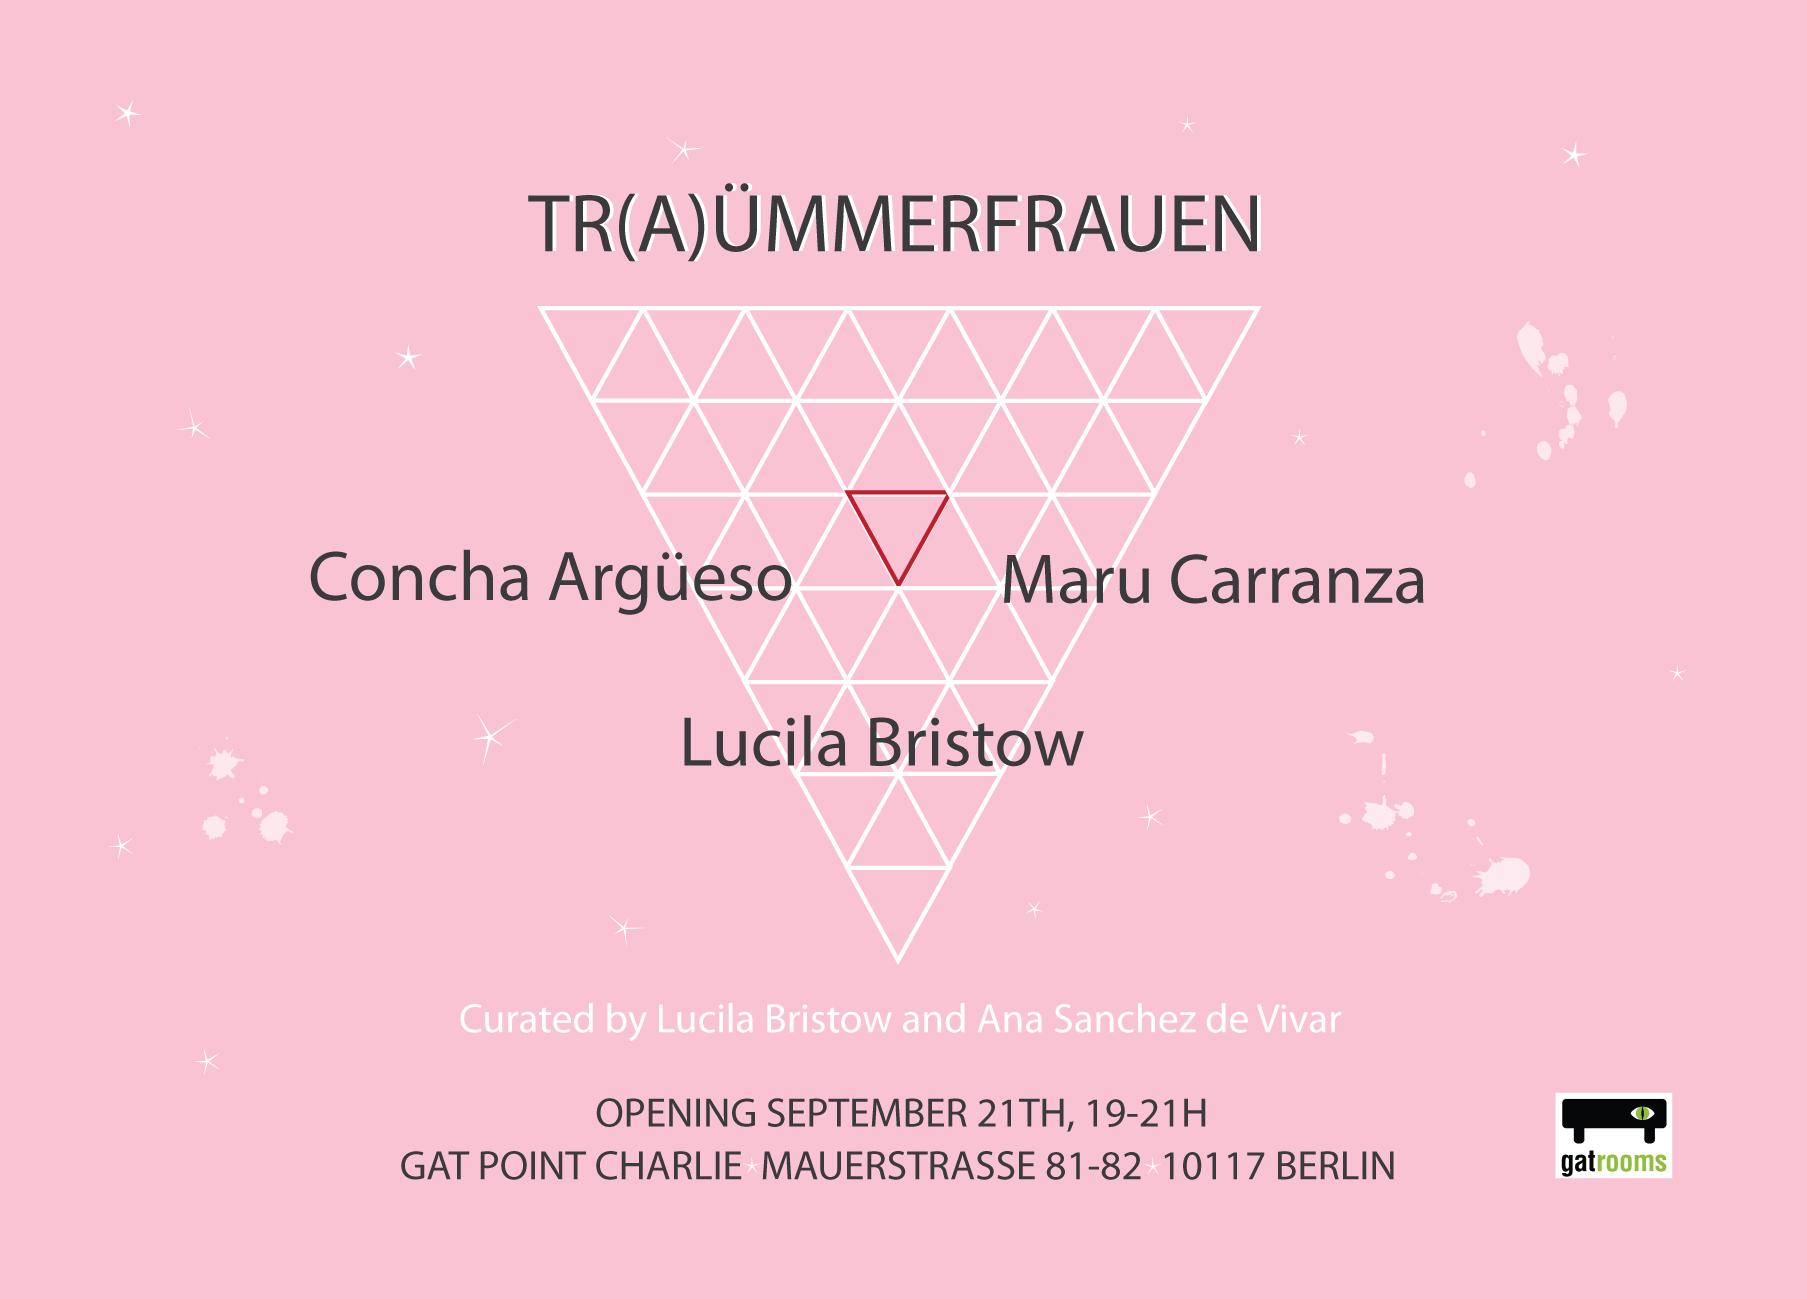 traummerfrauen-2018-berlin-gat-rooms-hotel-marucarranza-mauerstrasse